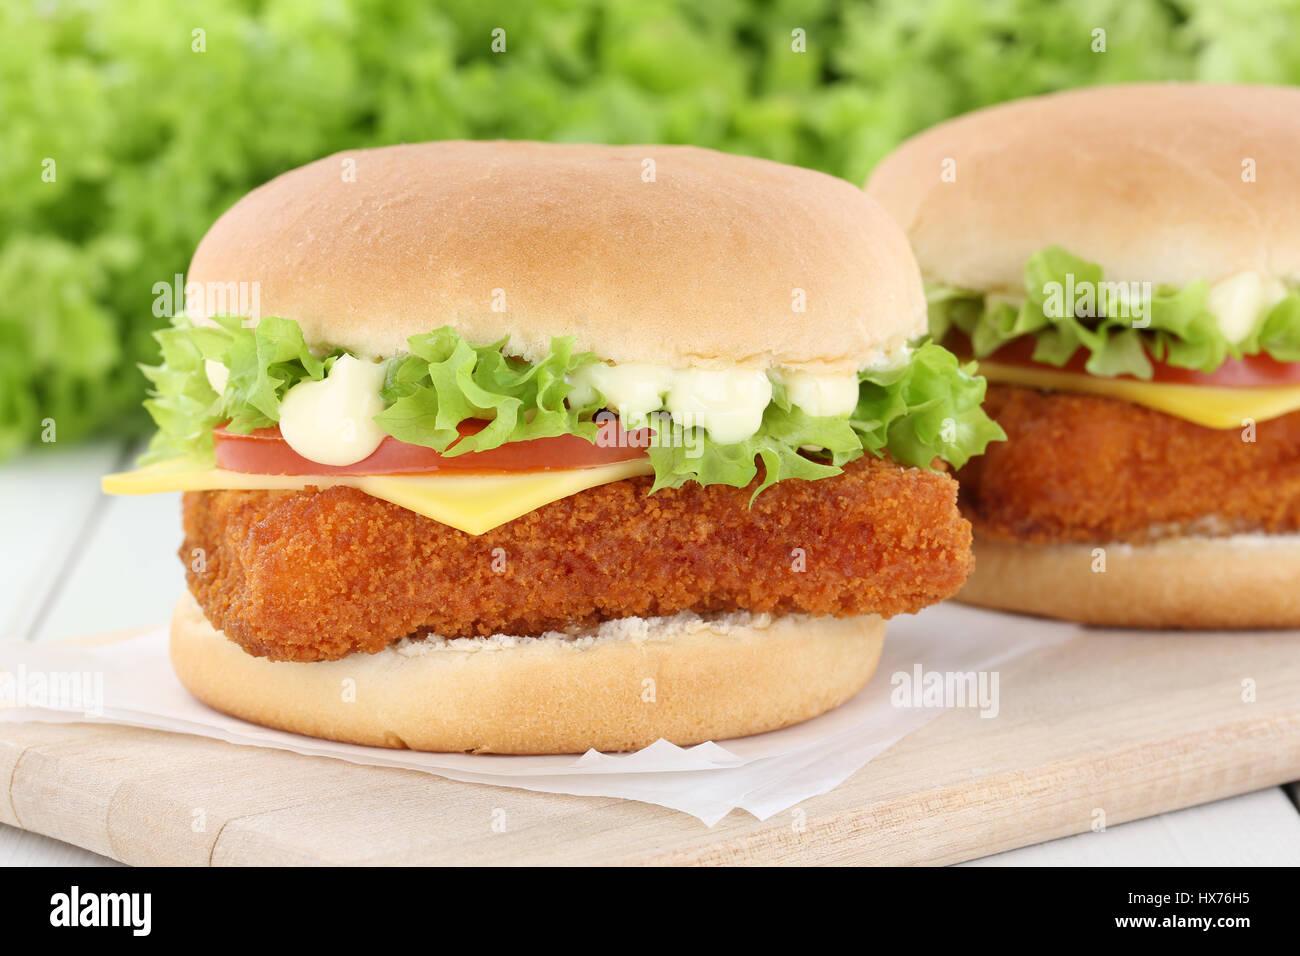 Fish burger fishburger hamburger tomatoes cheese unhealthy eating - Stock Image